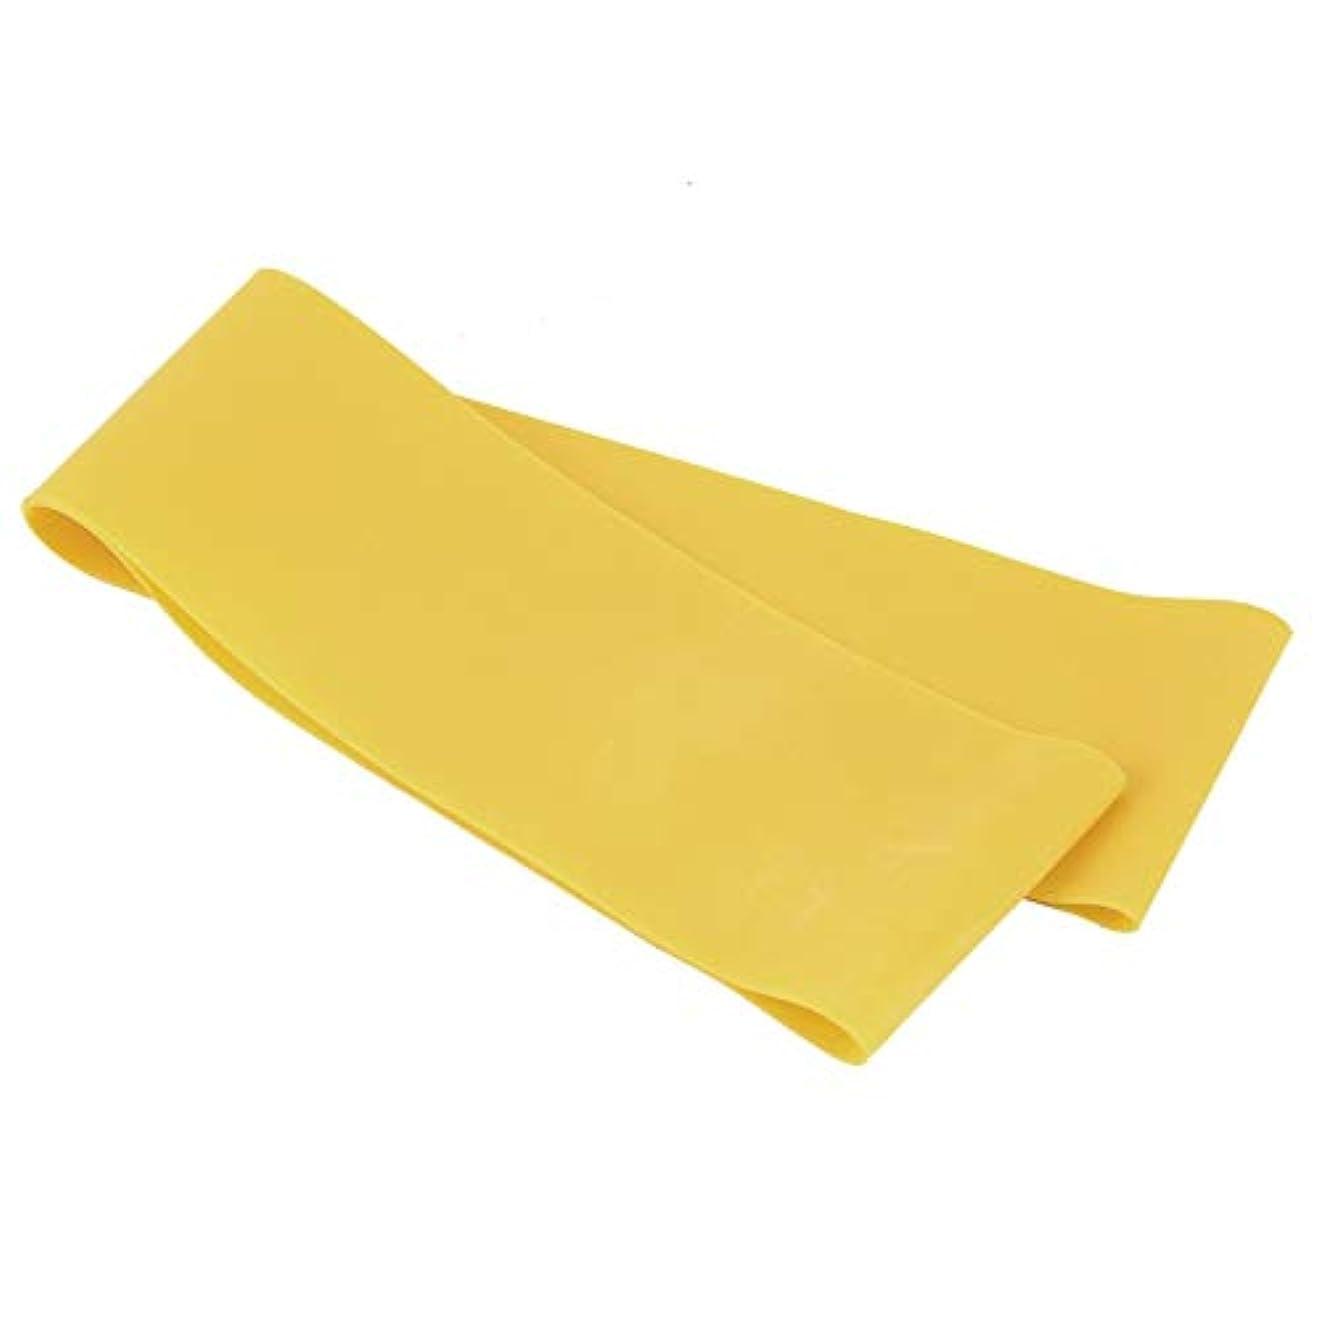 マカダムアクティビティ夜明け滑り止めの伸縮性のあるゴム製伸縮性があるヨガのベルトバンド引きロープの張力抵抗バンドループ強さのためのフィットネスヨガツール - 黄色